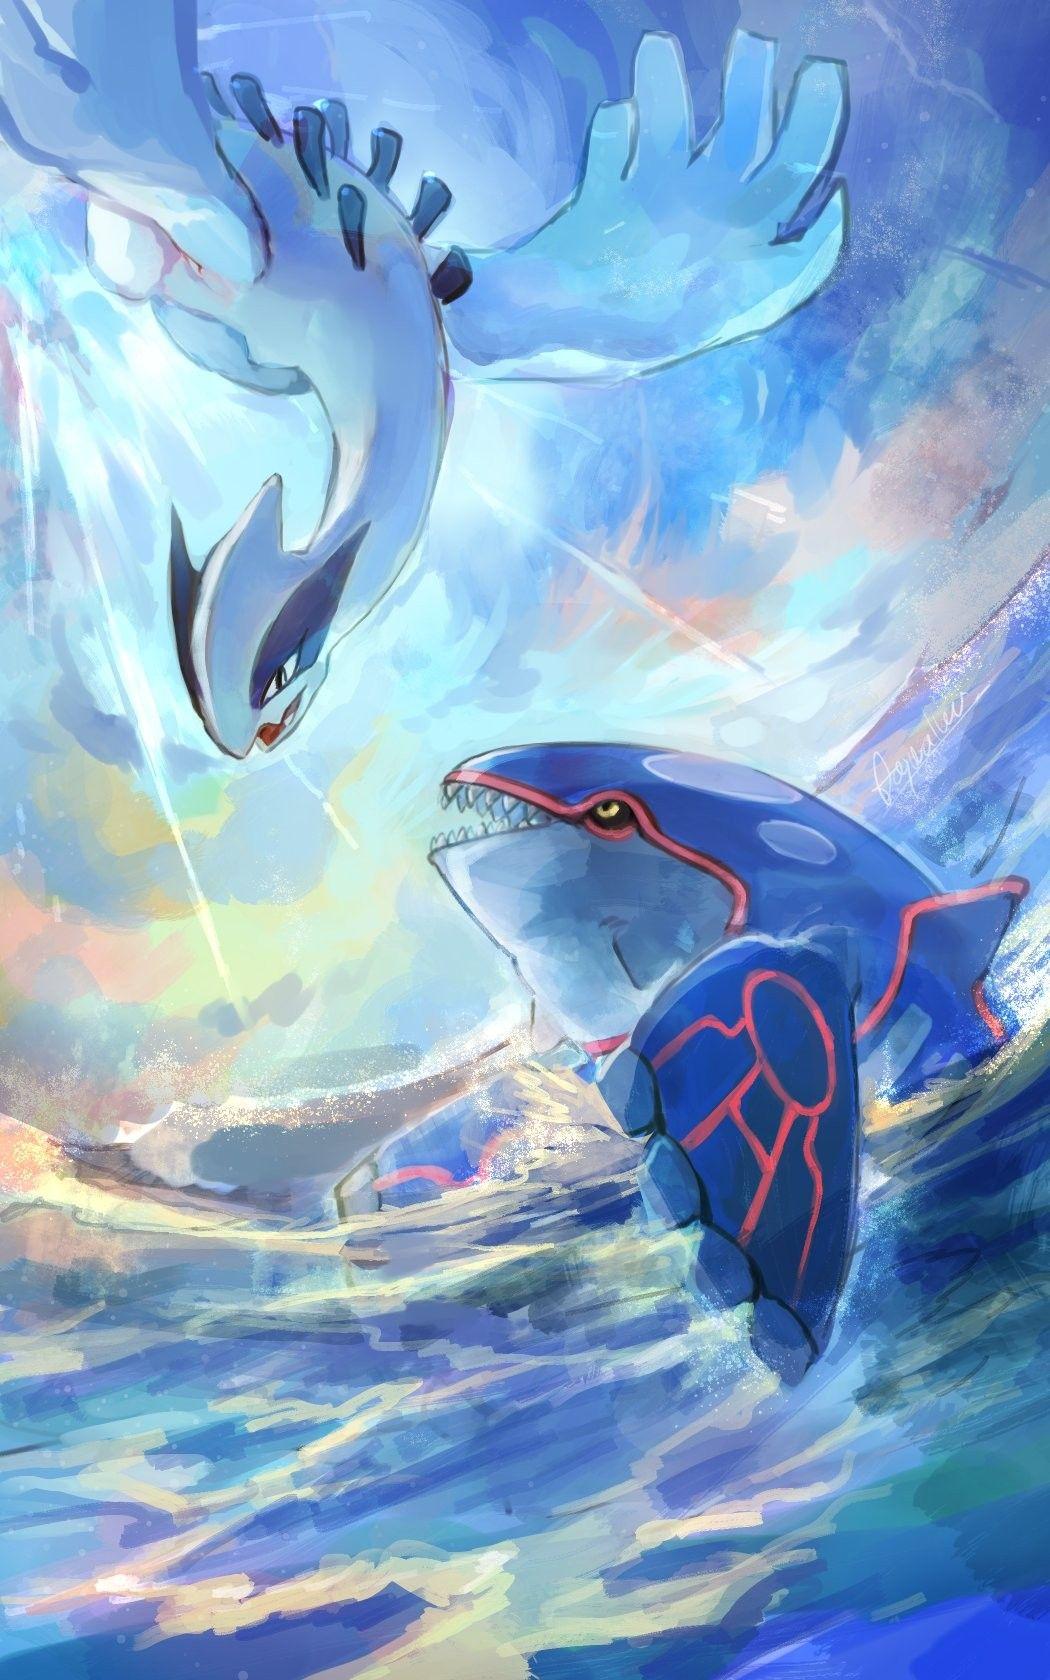 Lugia And Kyogre Pokemon Pokemon Pokemon Lugia Pokemon Eevee